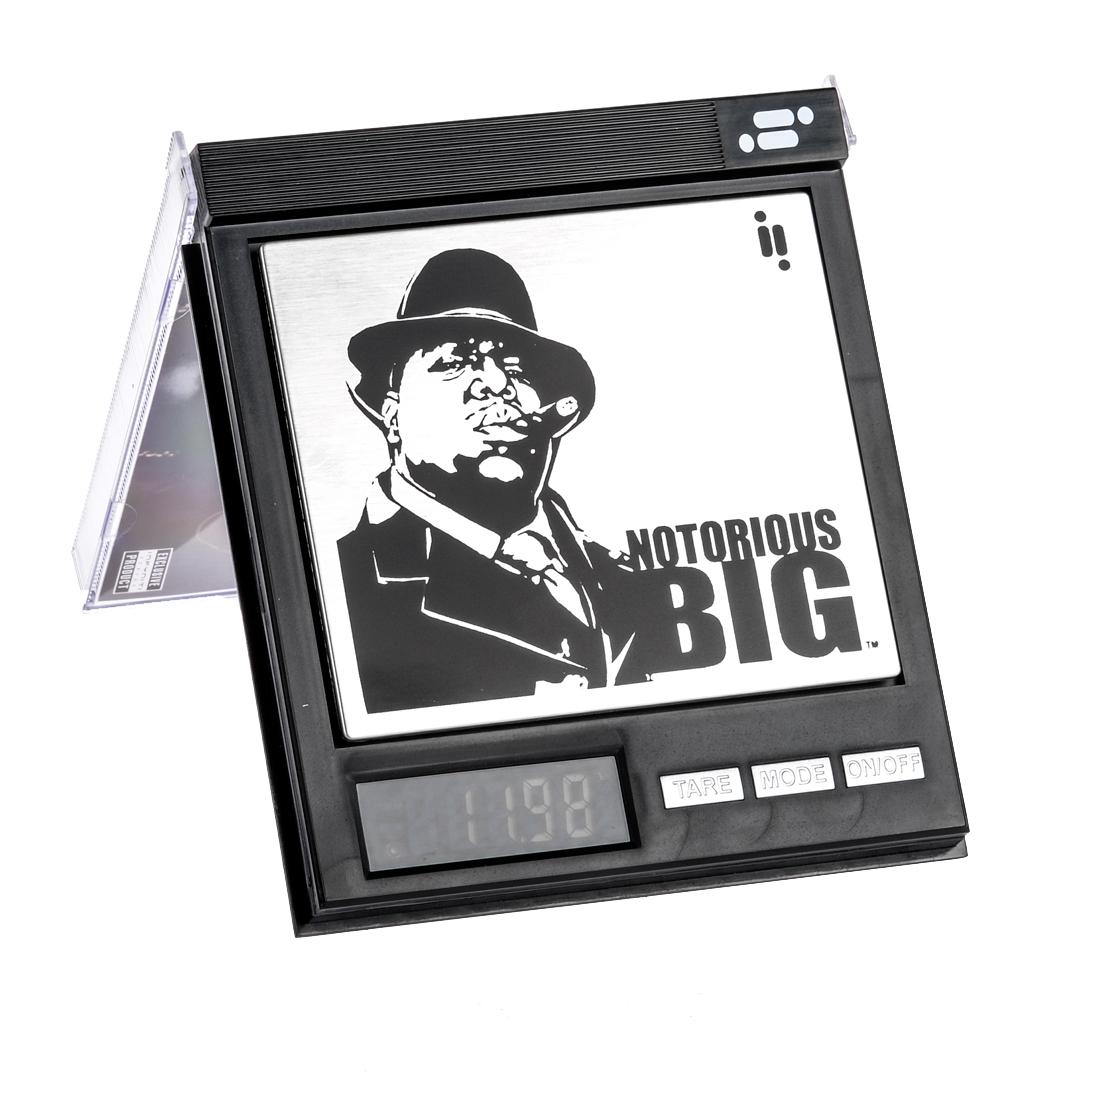 BALANCE INFYNITI SCALES NOTORIOUS BIG CD